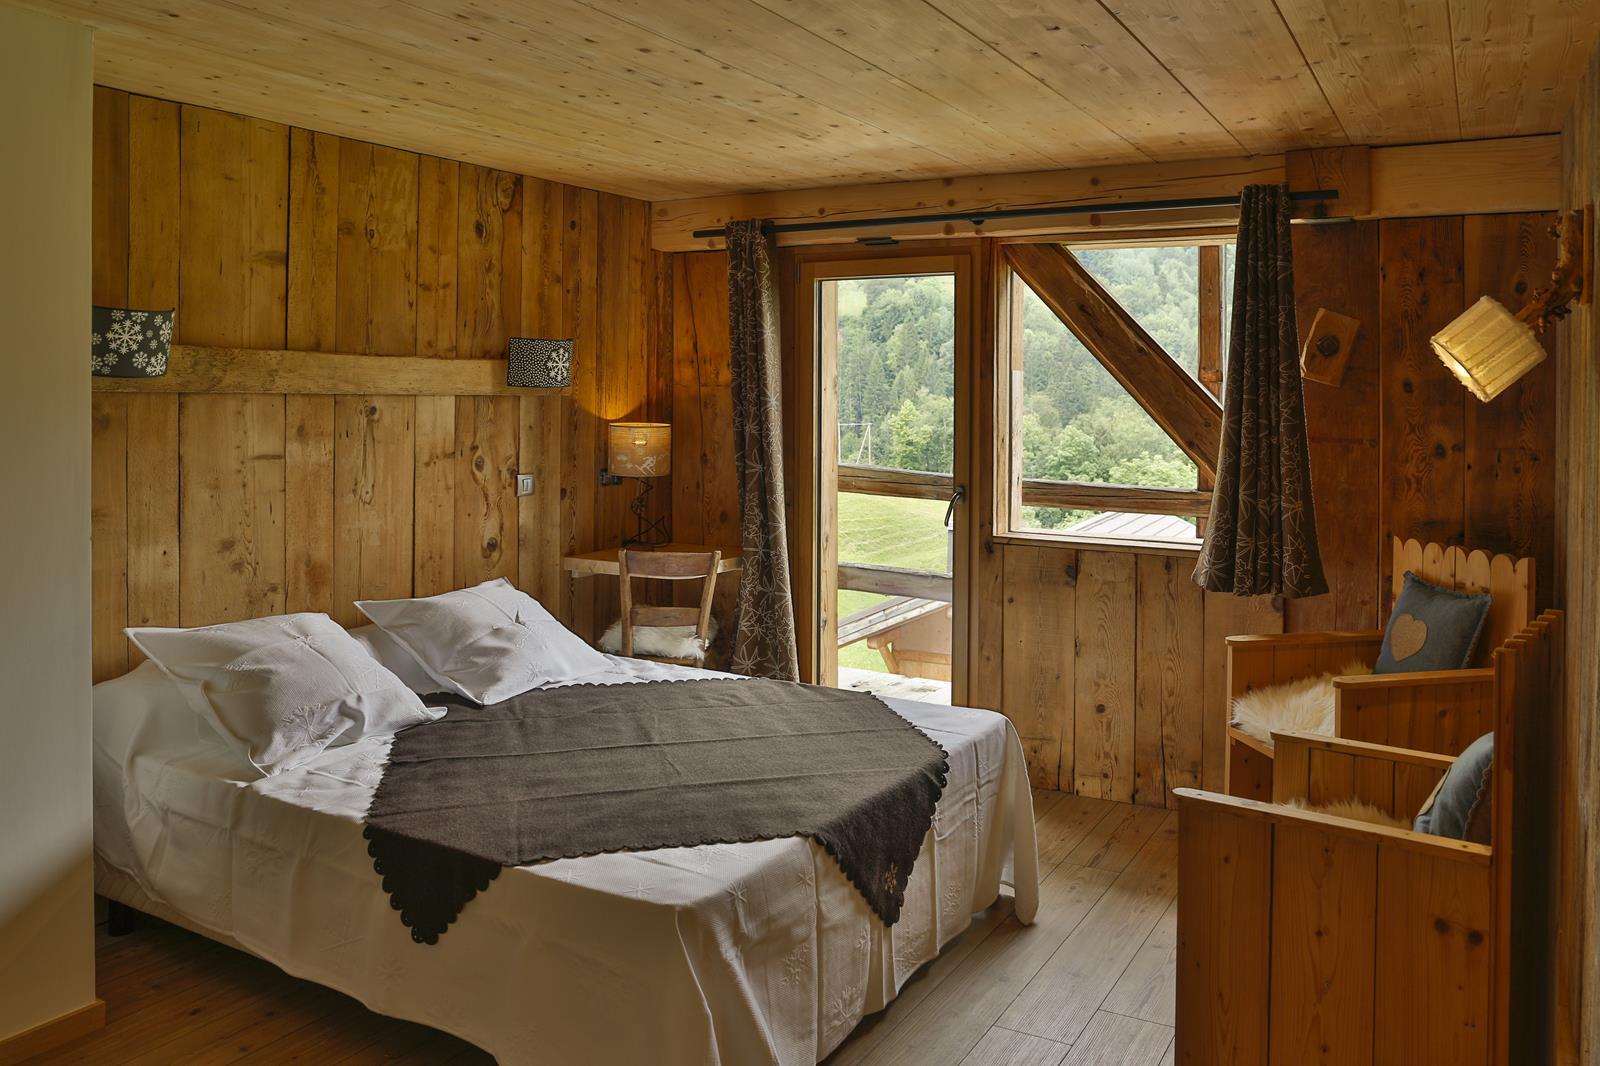 Photos - Belles Chambres En Savoie Mont Blanc - Savoie concernant Chambre D Hote Fougeres